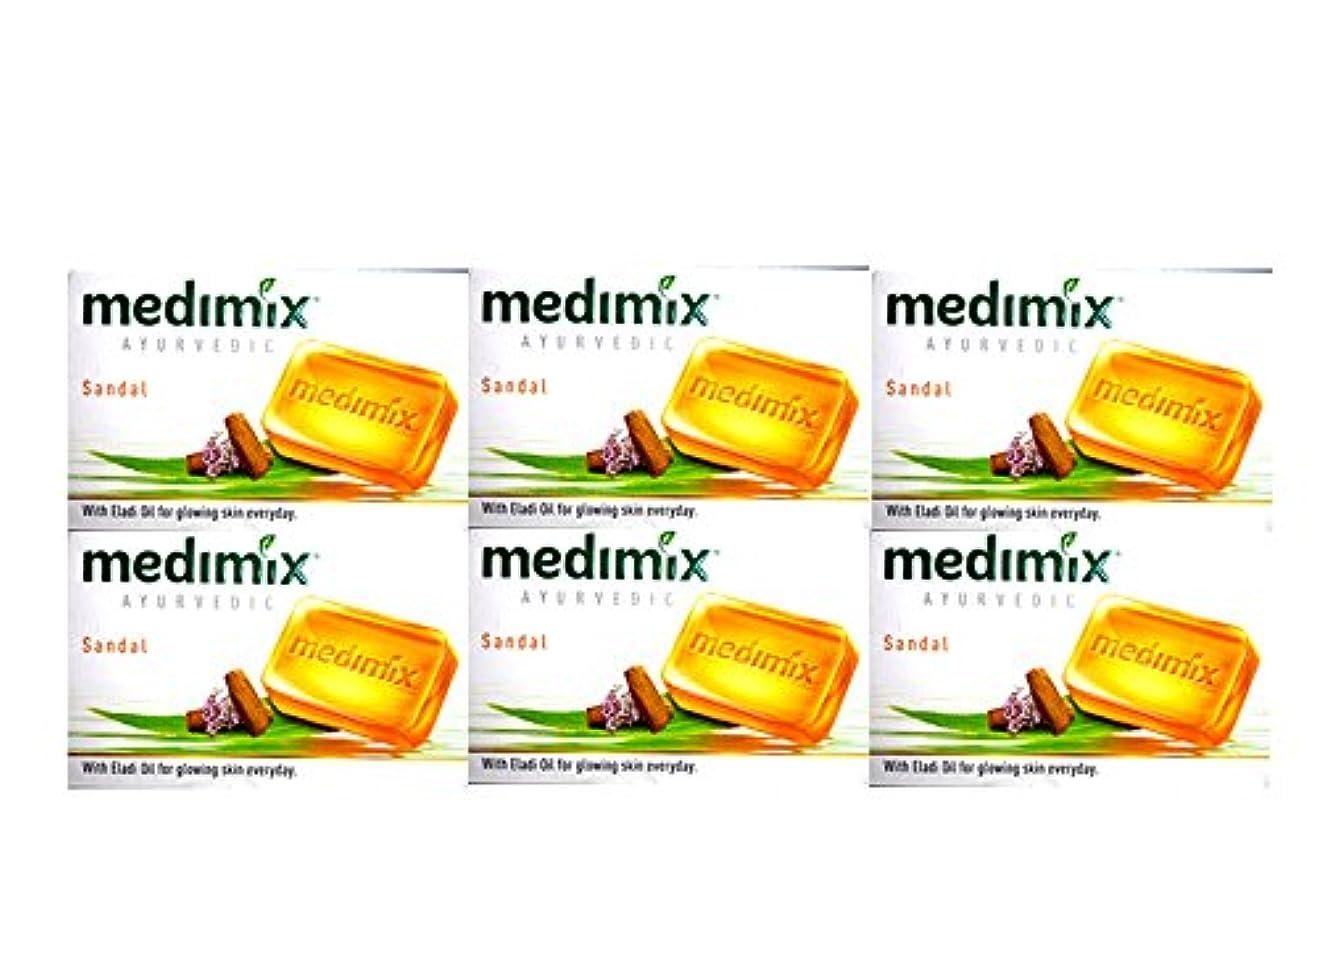 前方へヒューム備品MEDIMIX メディミックス アーユルヴェディックサンダル 6個セット(medimix AYURVEDEC sandal Soap) 125g